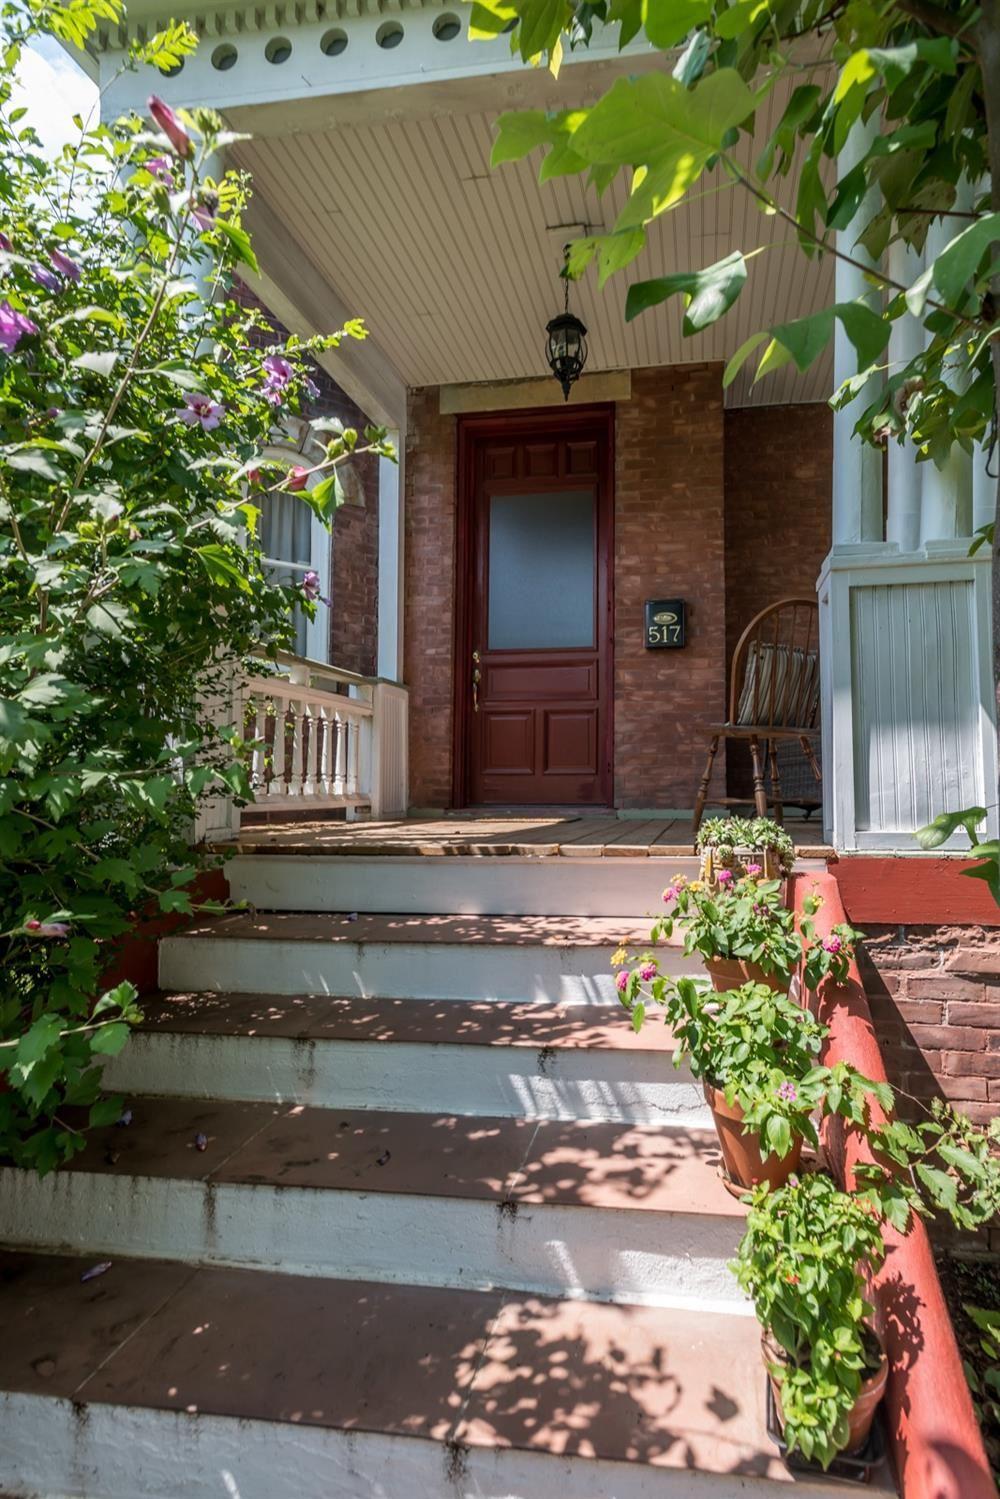 517 Broadway Street S, Georgetown, KY 40324 - MLS#: 20017568